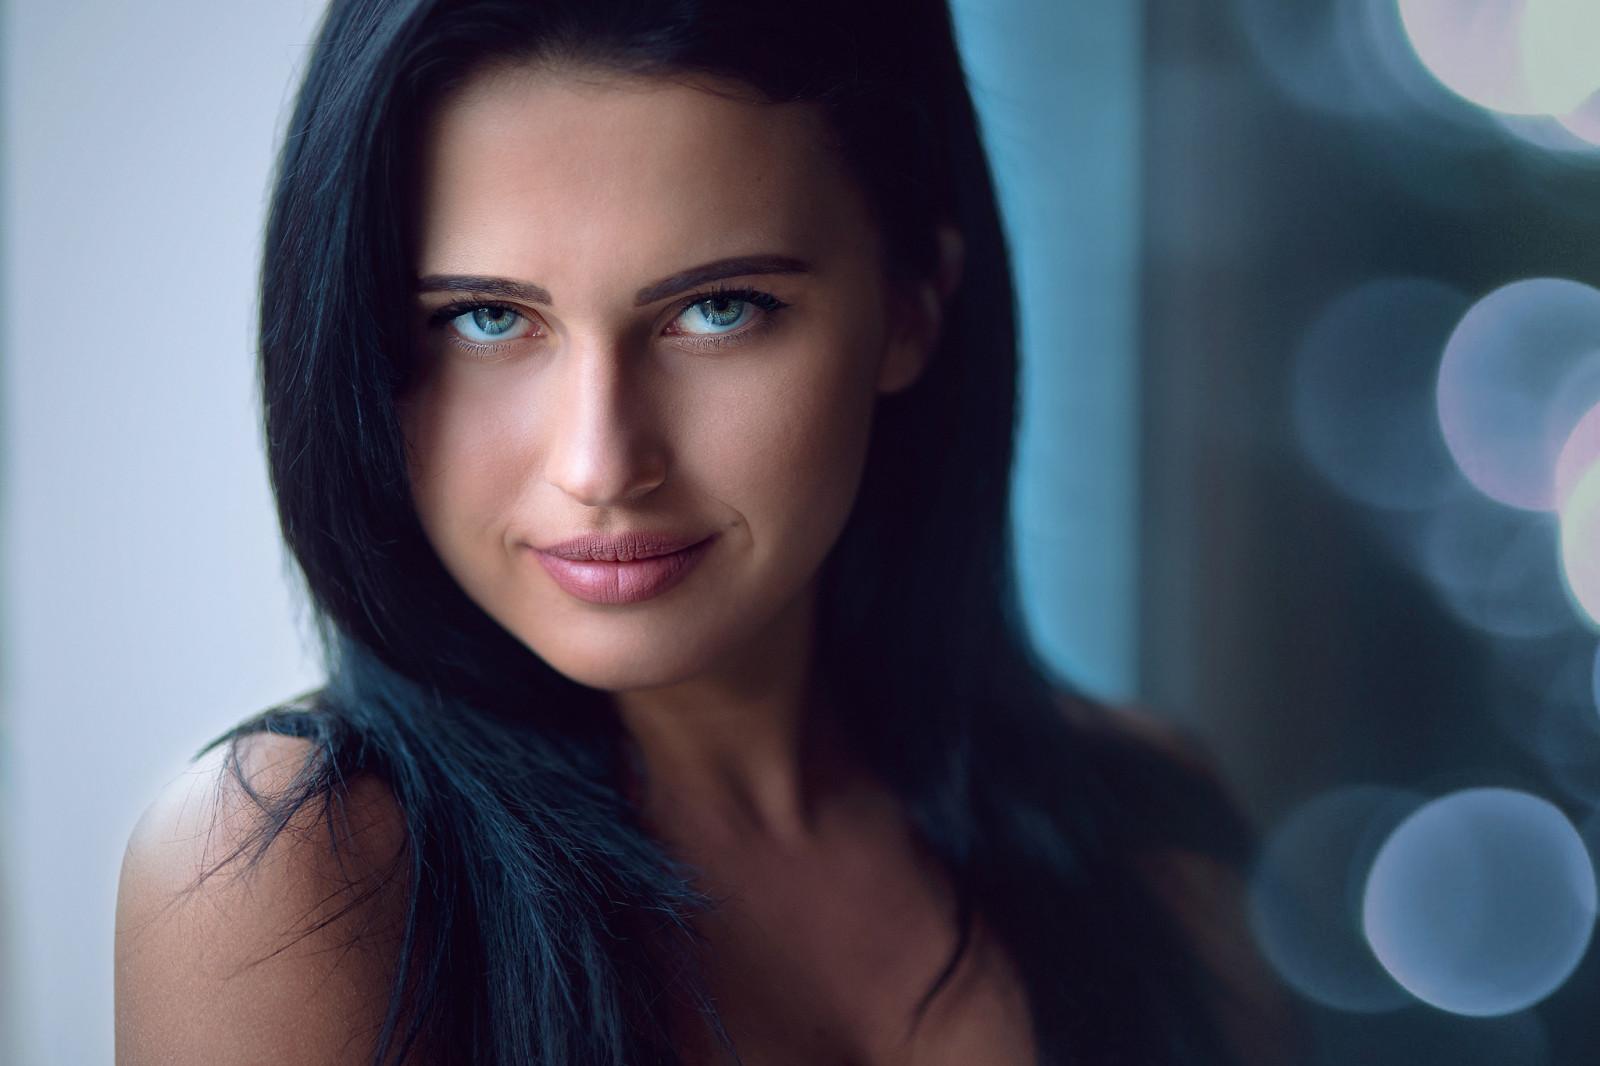 Темноволосая голубоглазая девушка с красивой улыбкой 10